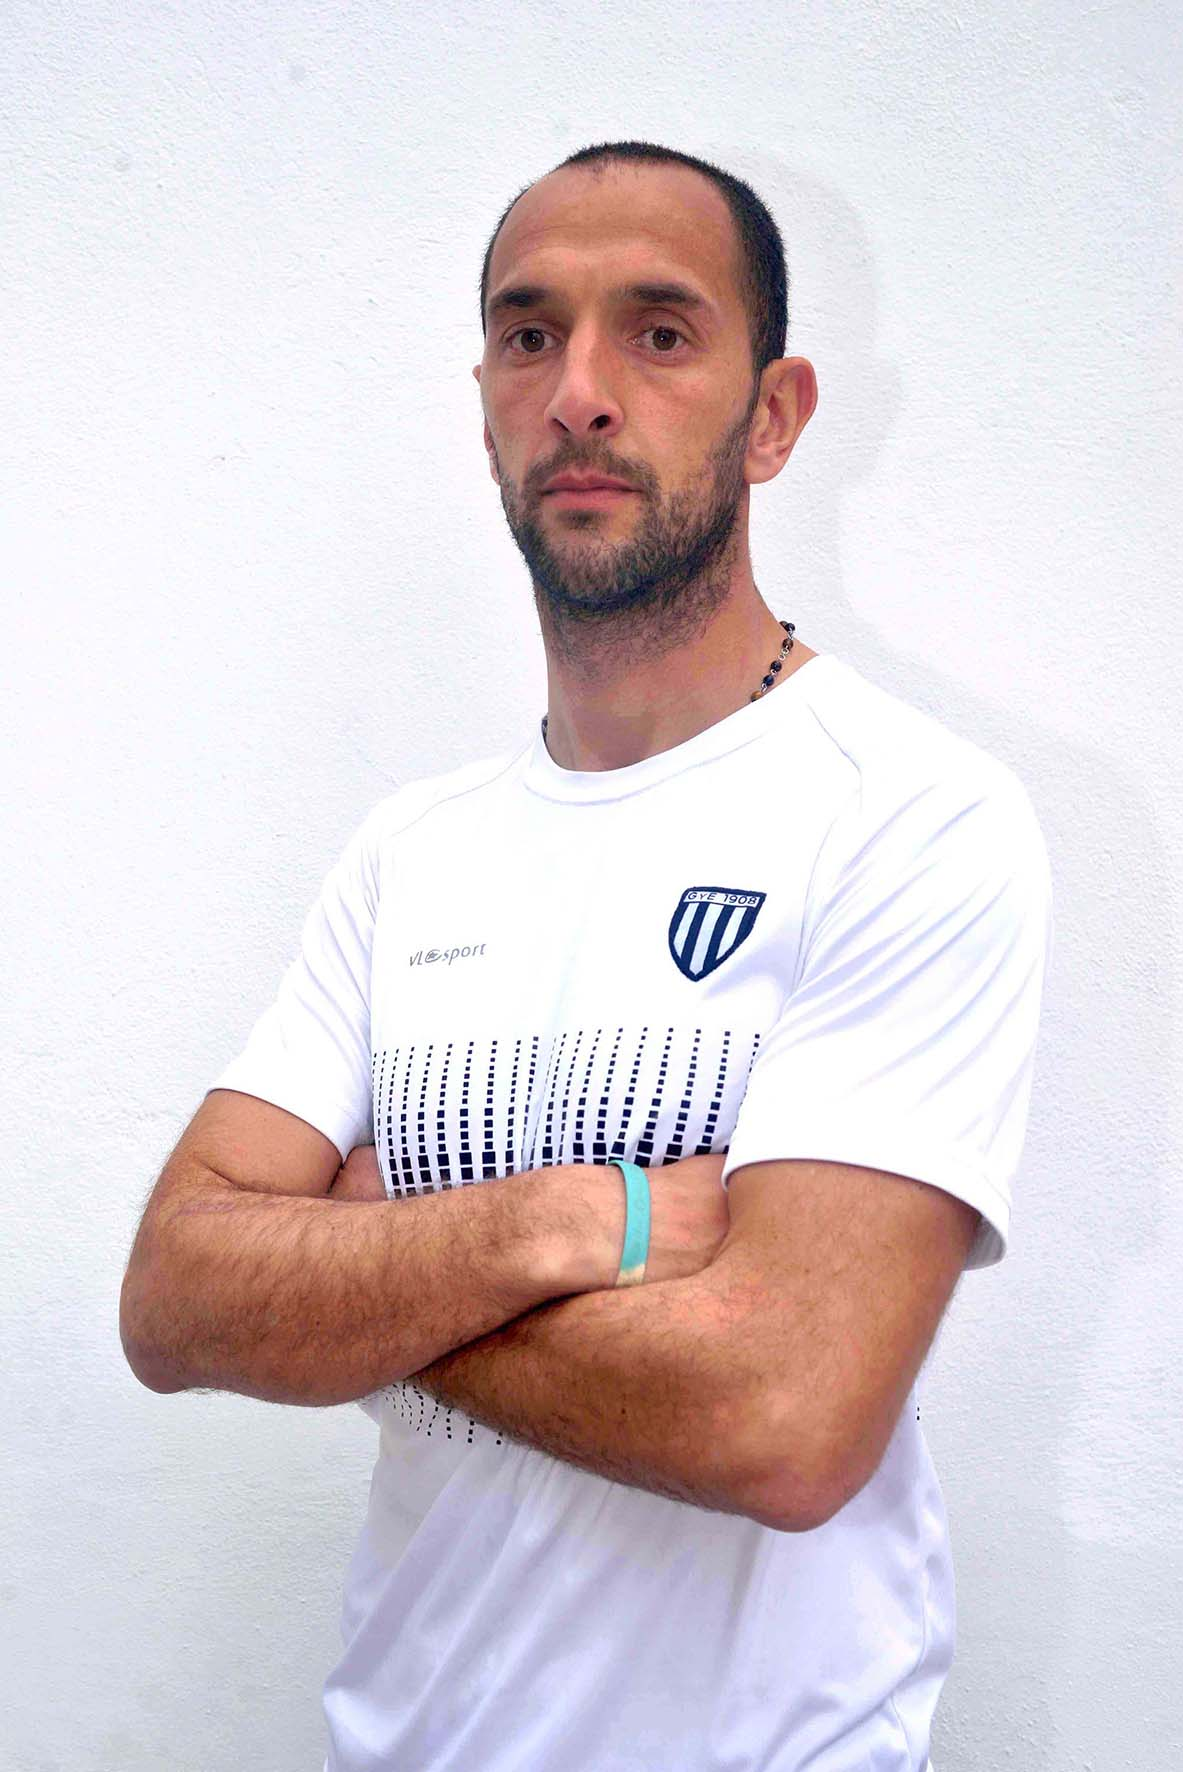 Oscar Eduardo Negri